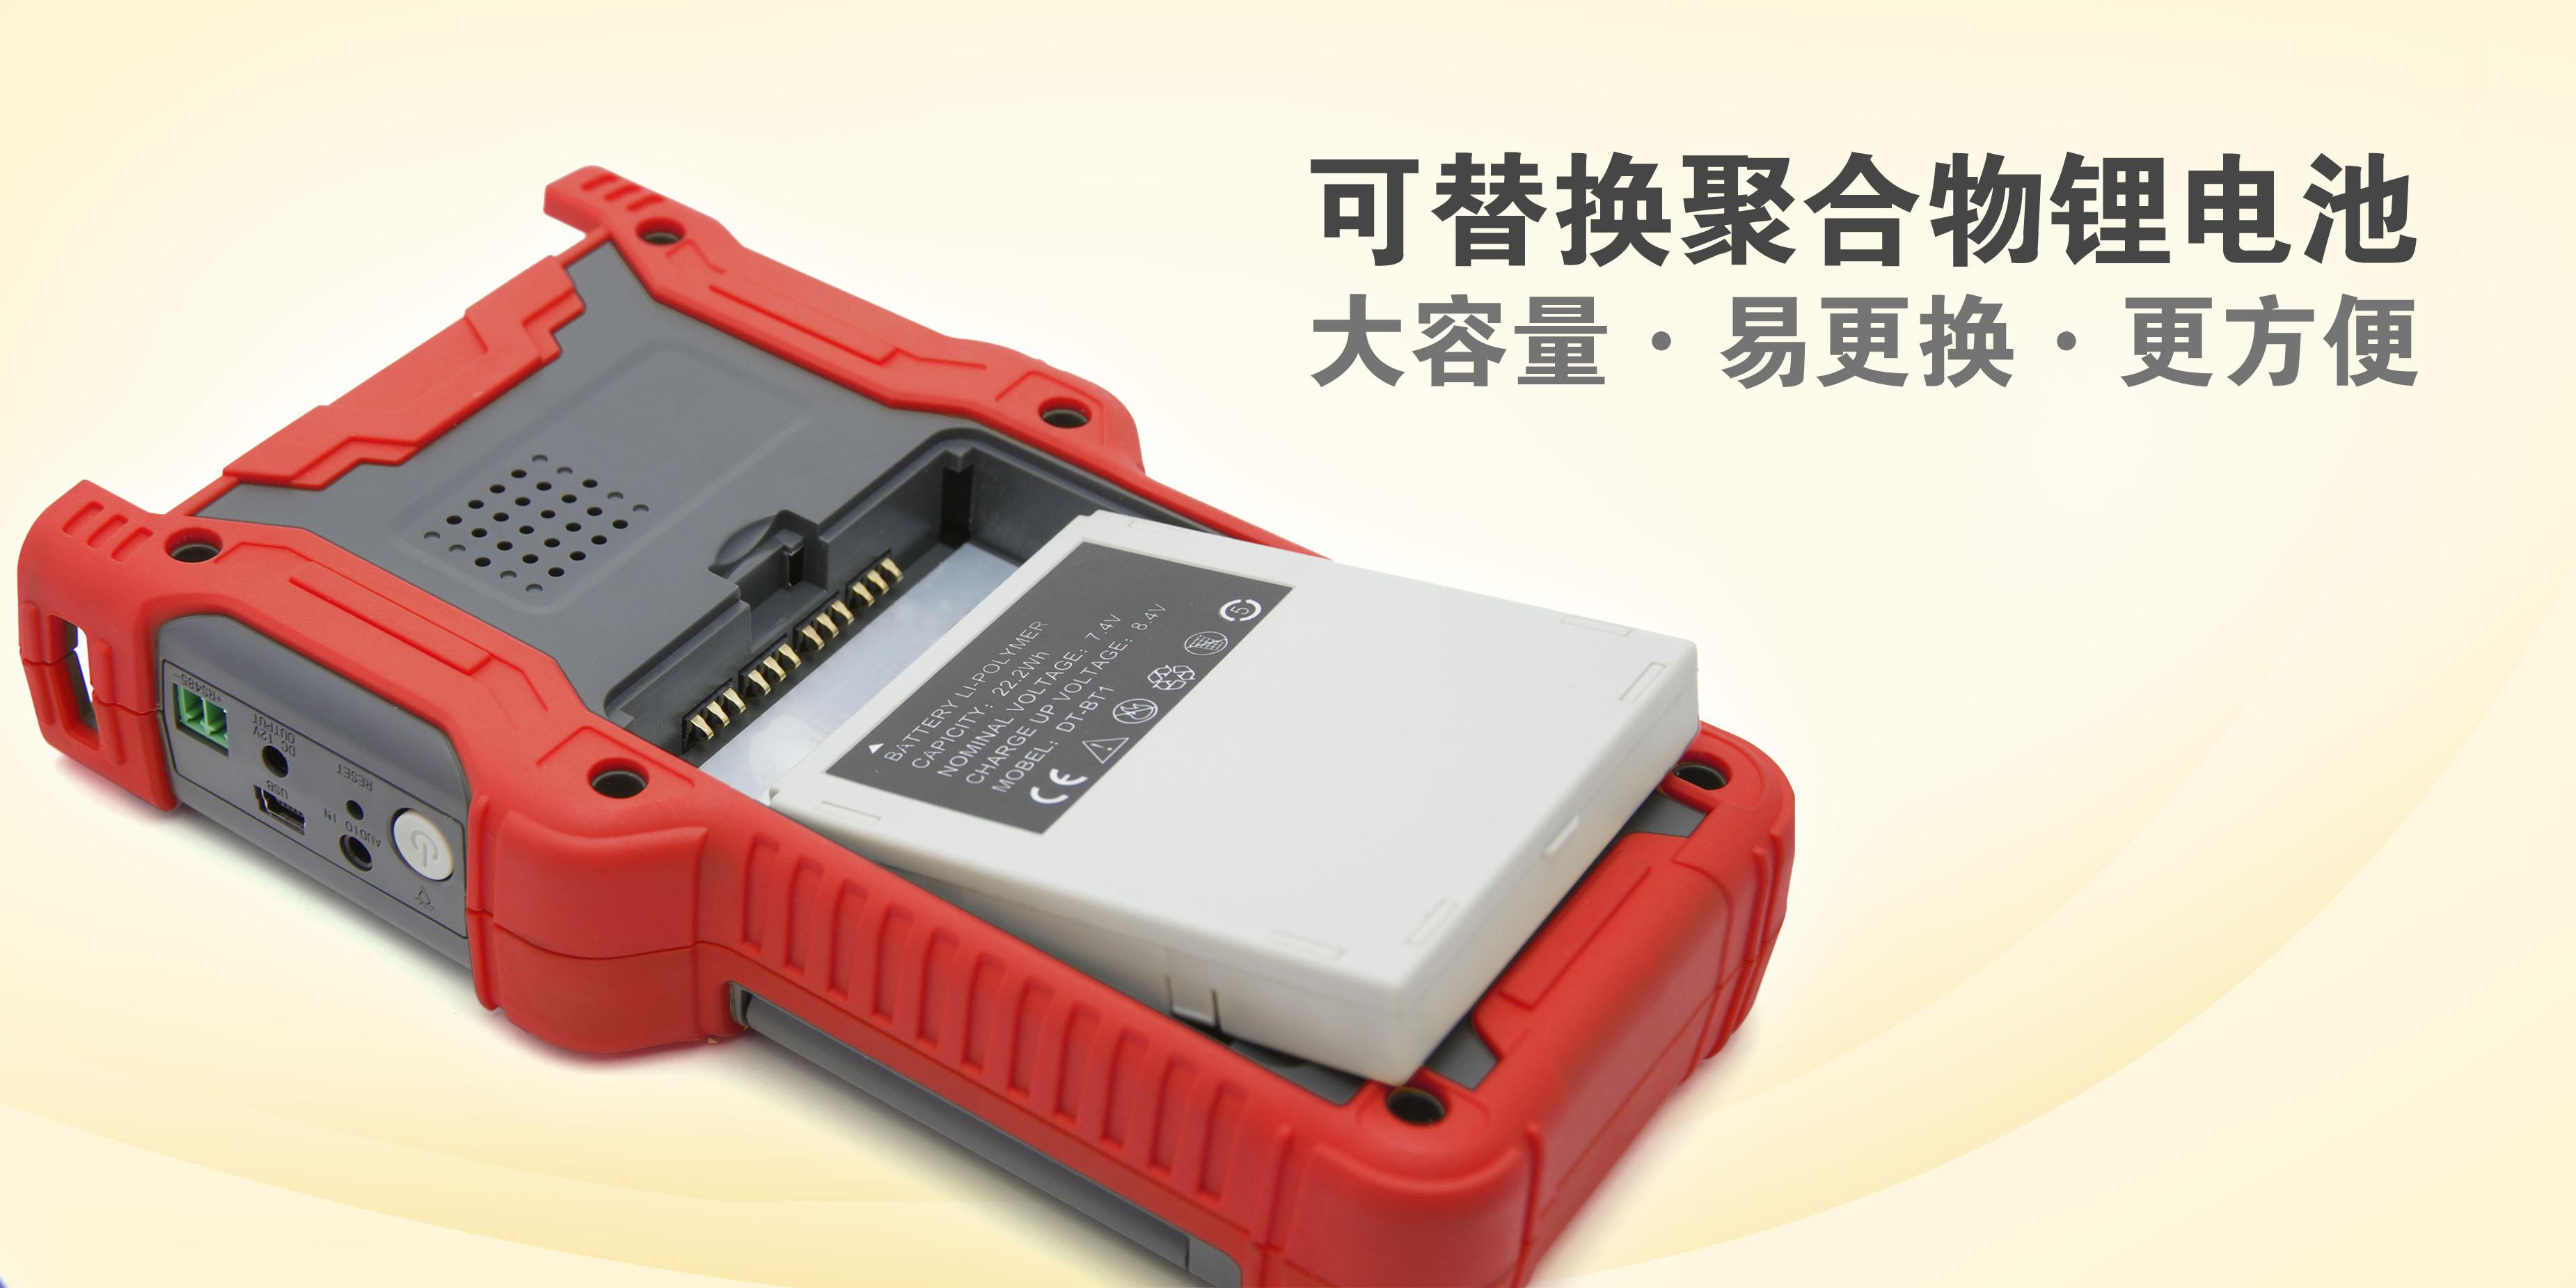 可替换聚合物锂电池